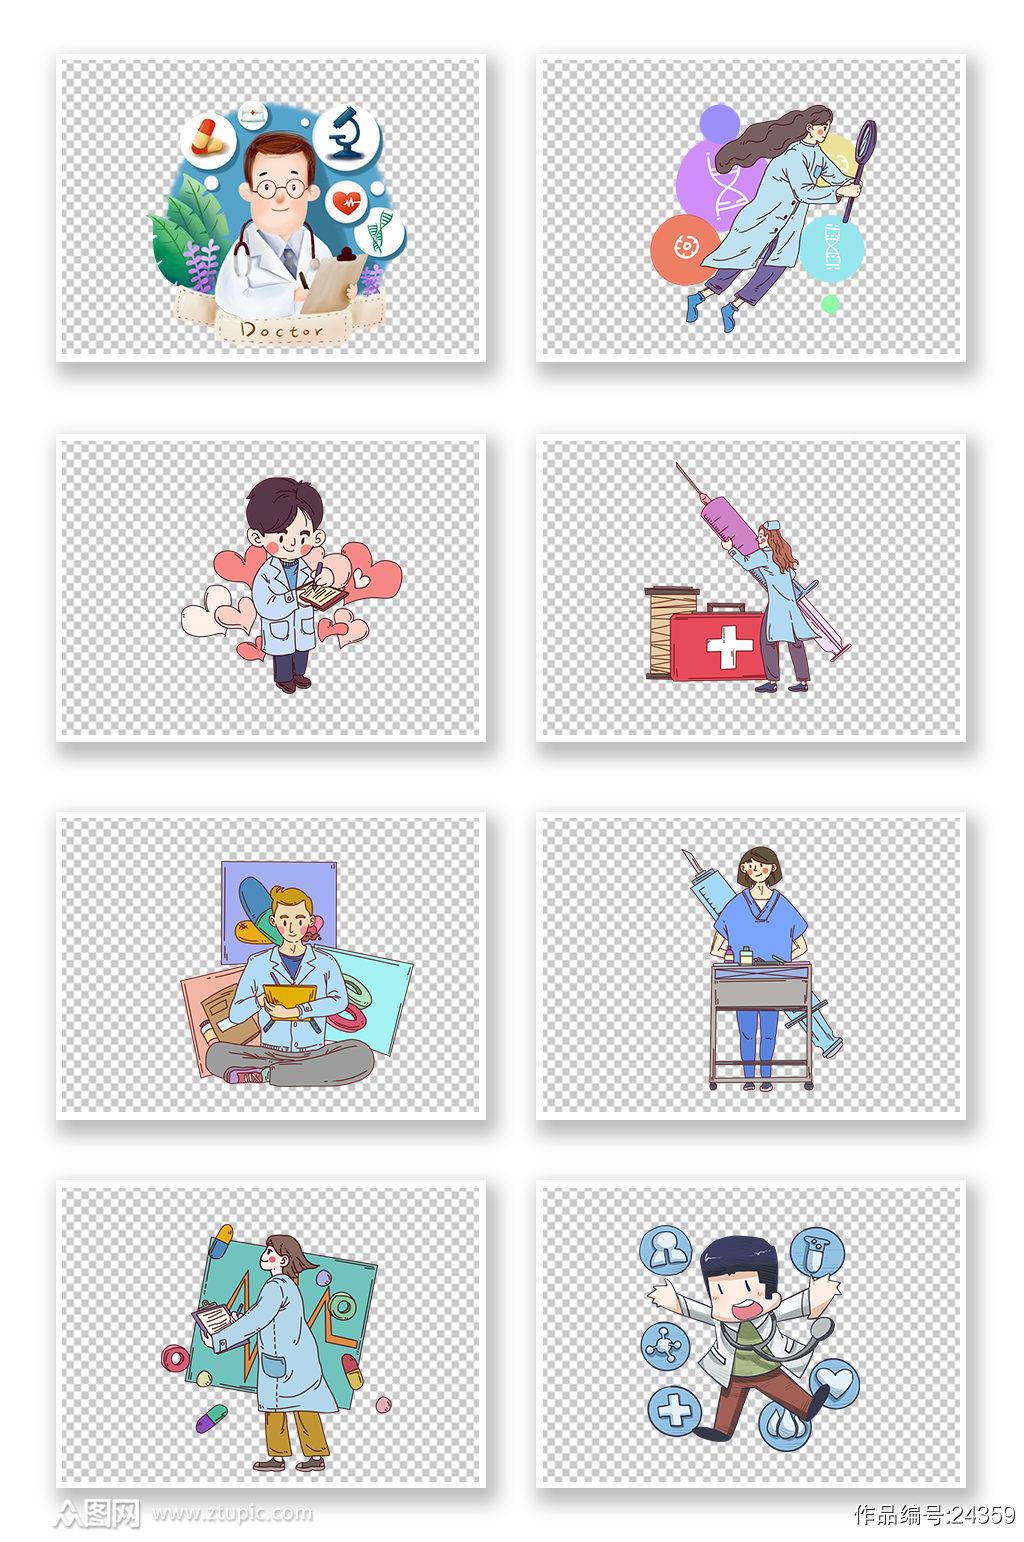 卡通可爱医护人员免扣素材 护士节素材元素素材